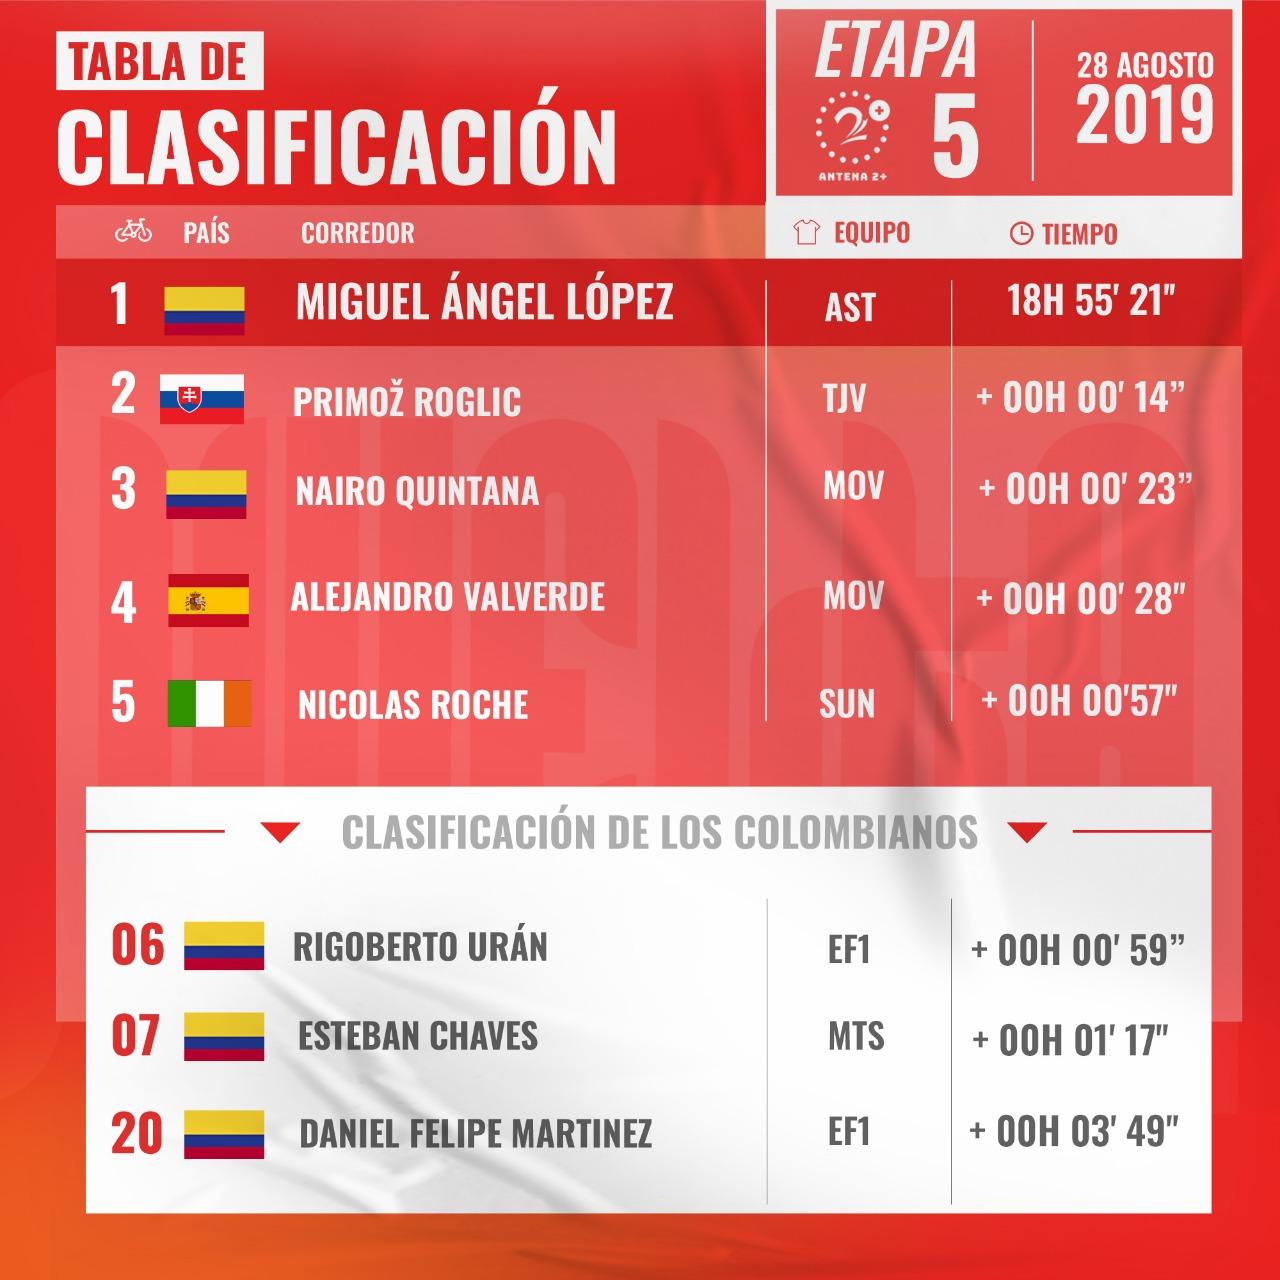 Clasificación general etapa 5 de la Vuelta a España 2019